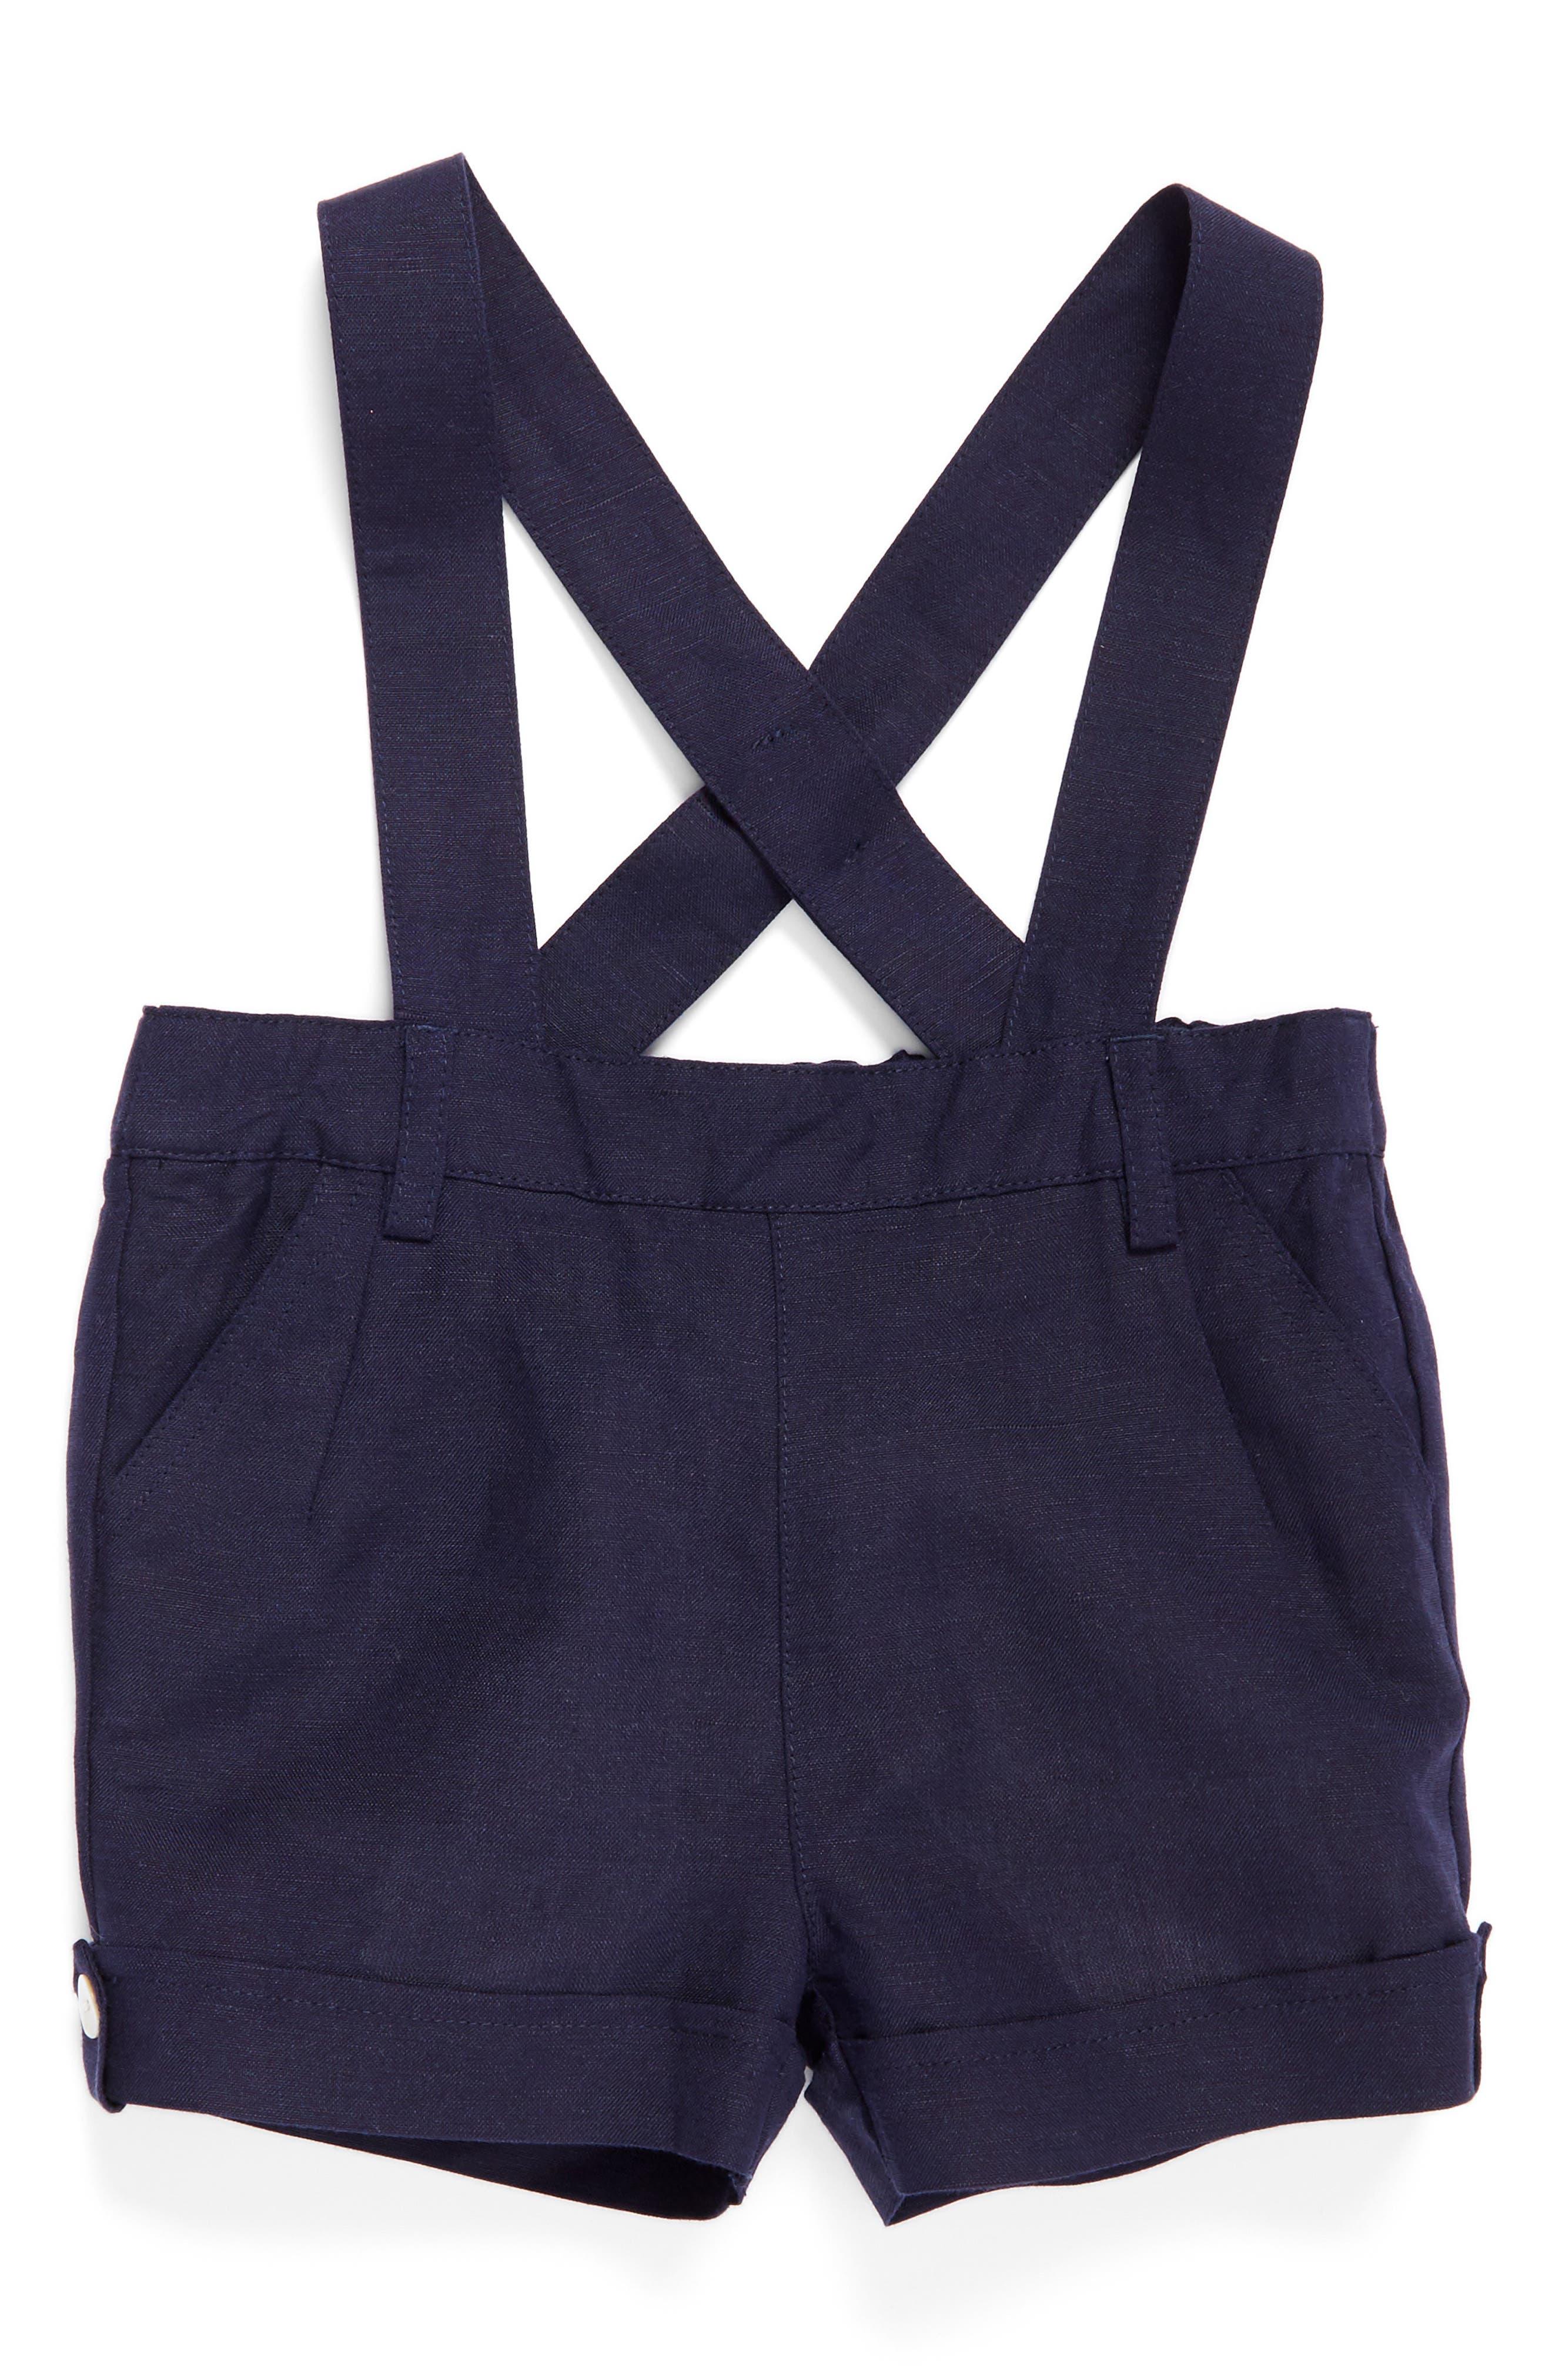 Alternate Image 1 Selected - Bardot Junior Linen Blend Short Overalls (Baby Boys & Toddler Boys)